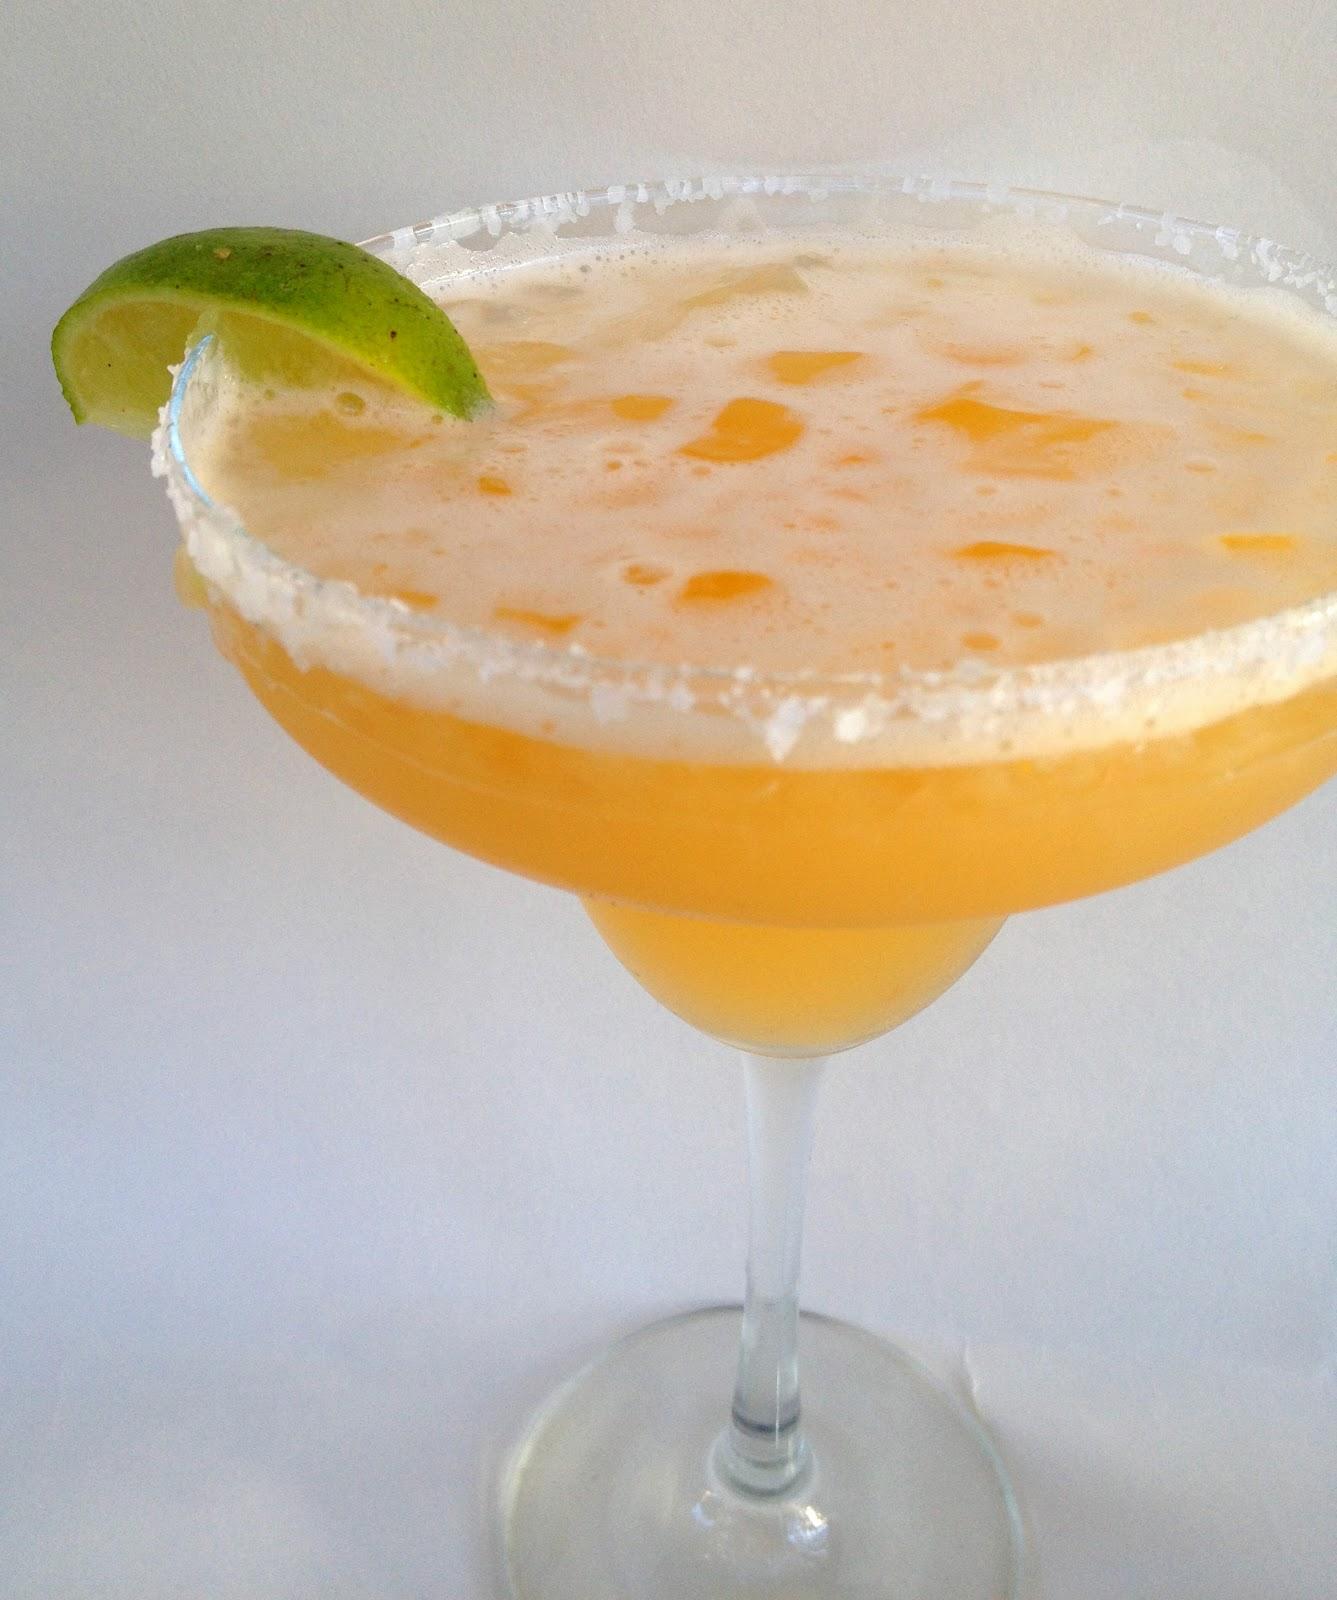 Perfect Margarita Recipe